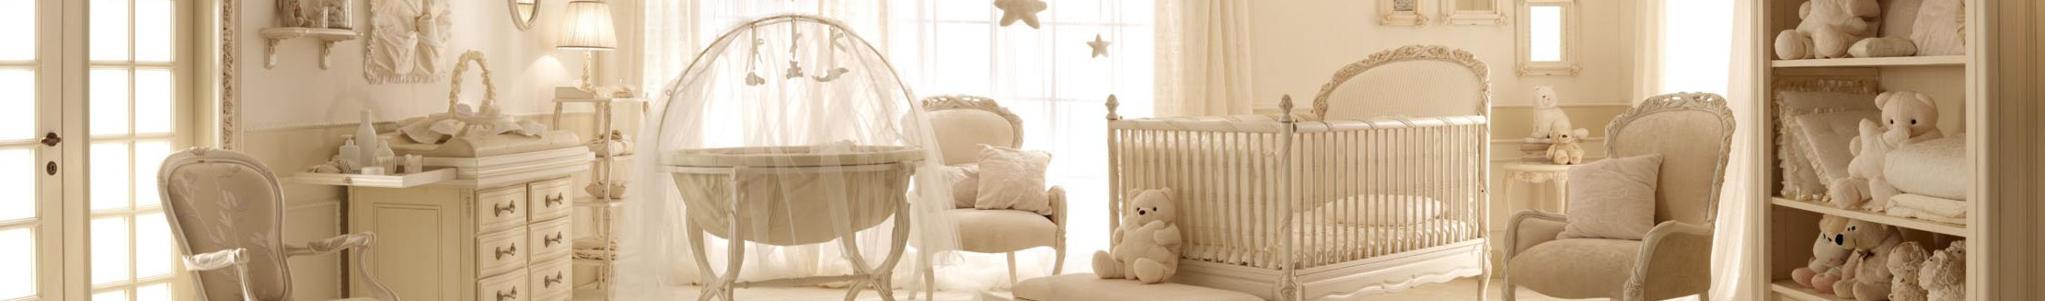 Maat Matras Ledikant.Ledikant Matras Bestellen Happy Sleepers Kindermatrassen